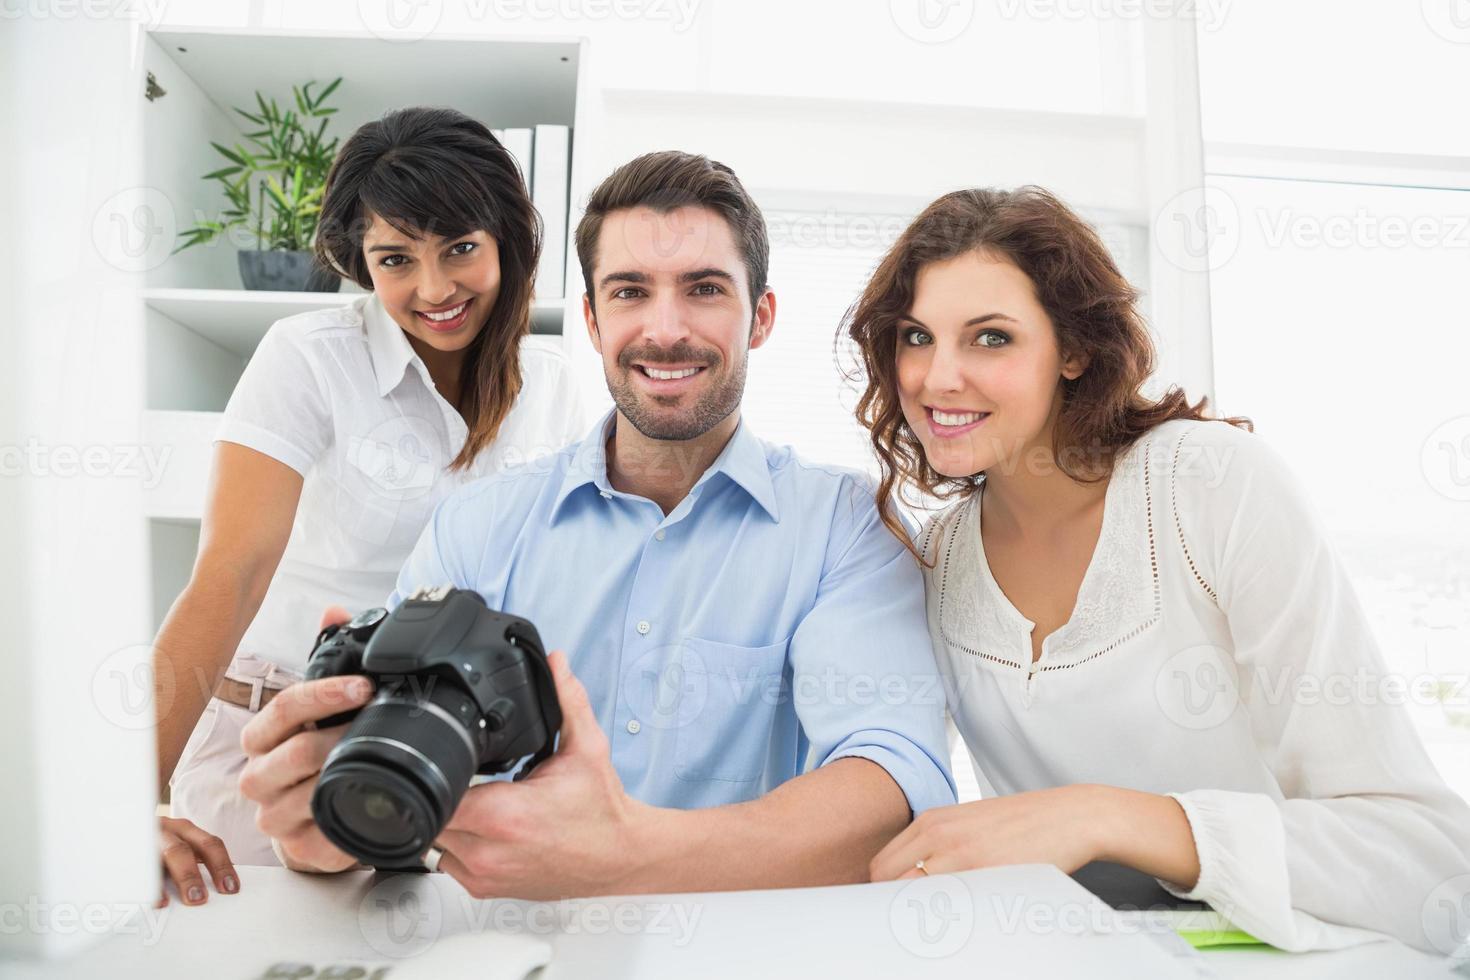 felice lavoro di squadra in posa con la fotocamera digitale foto